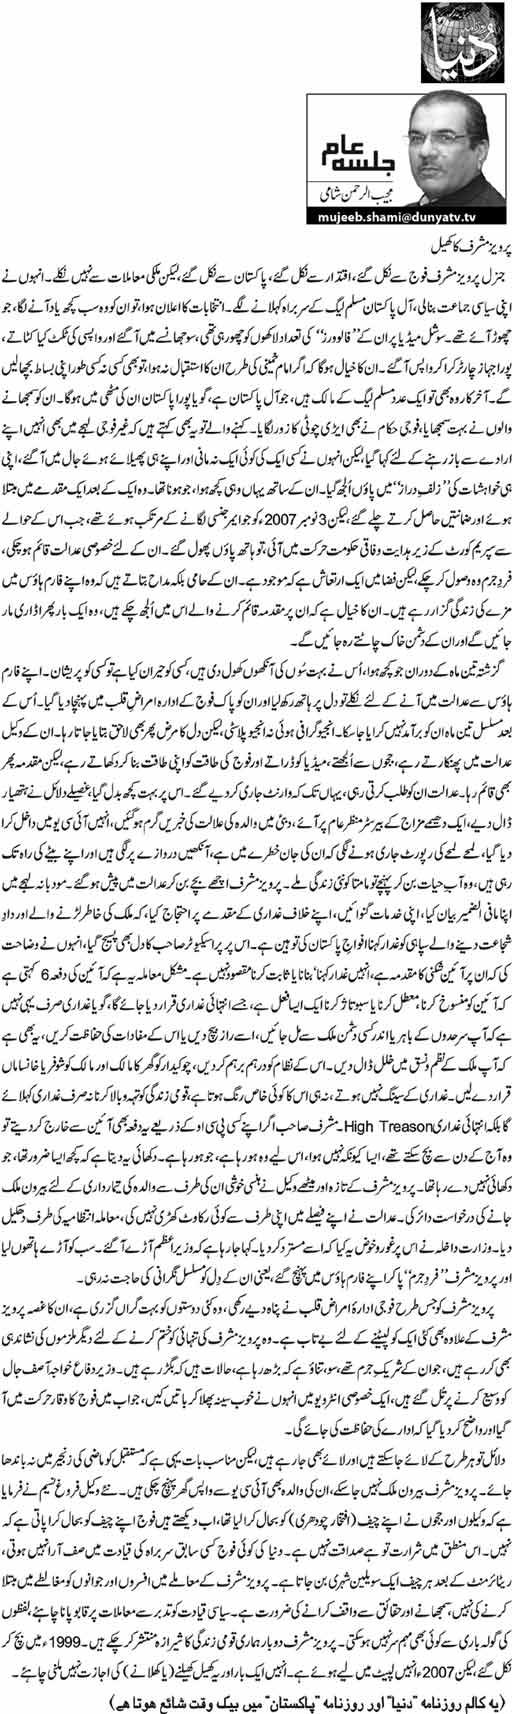 Pervez Musharraf Ka Khail - Mujeeb ur Rehman Shami